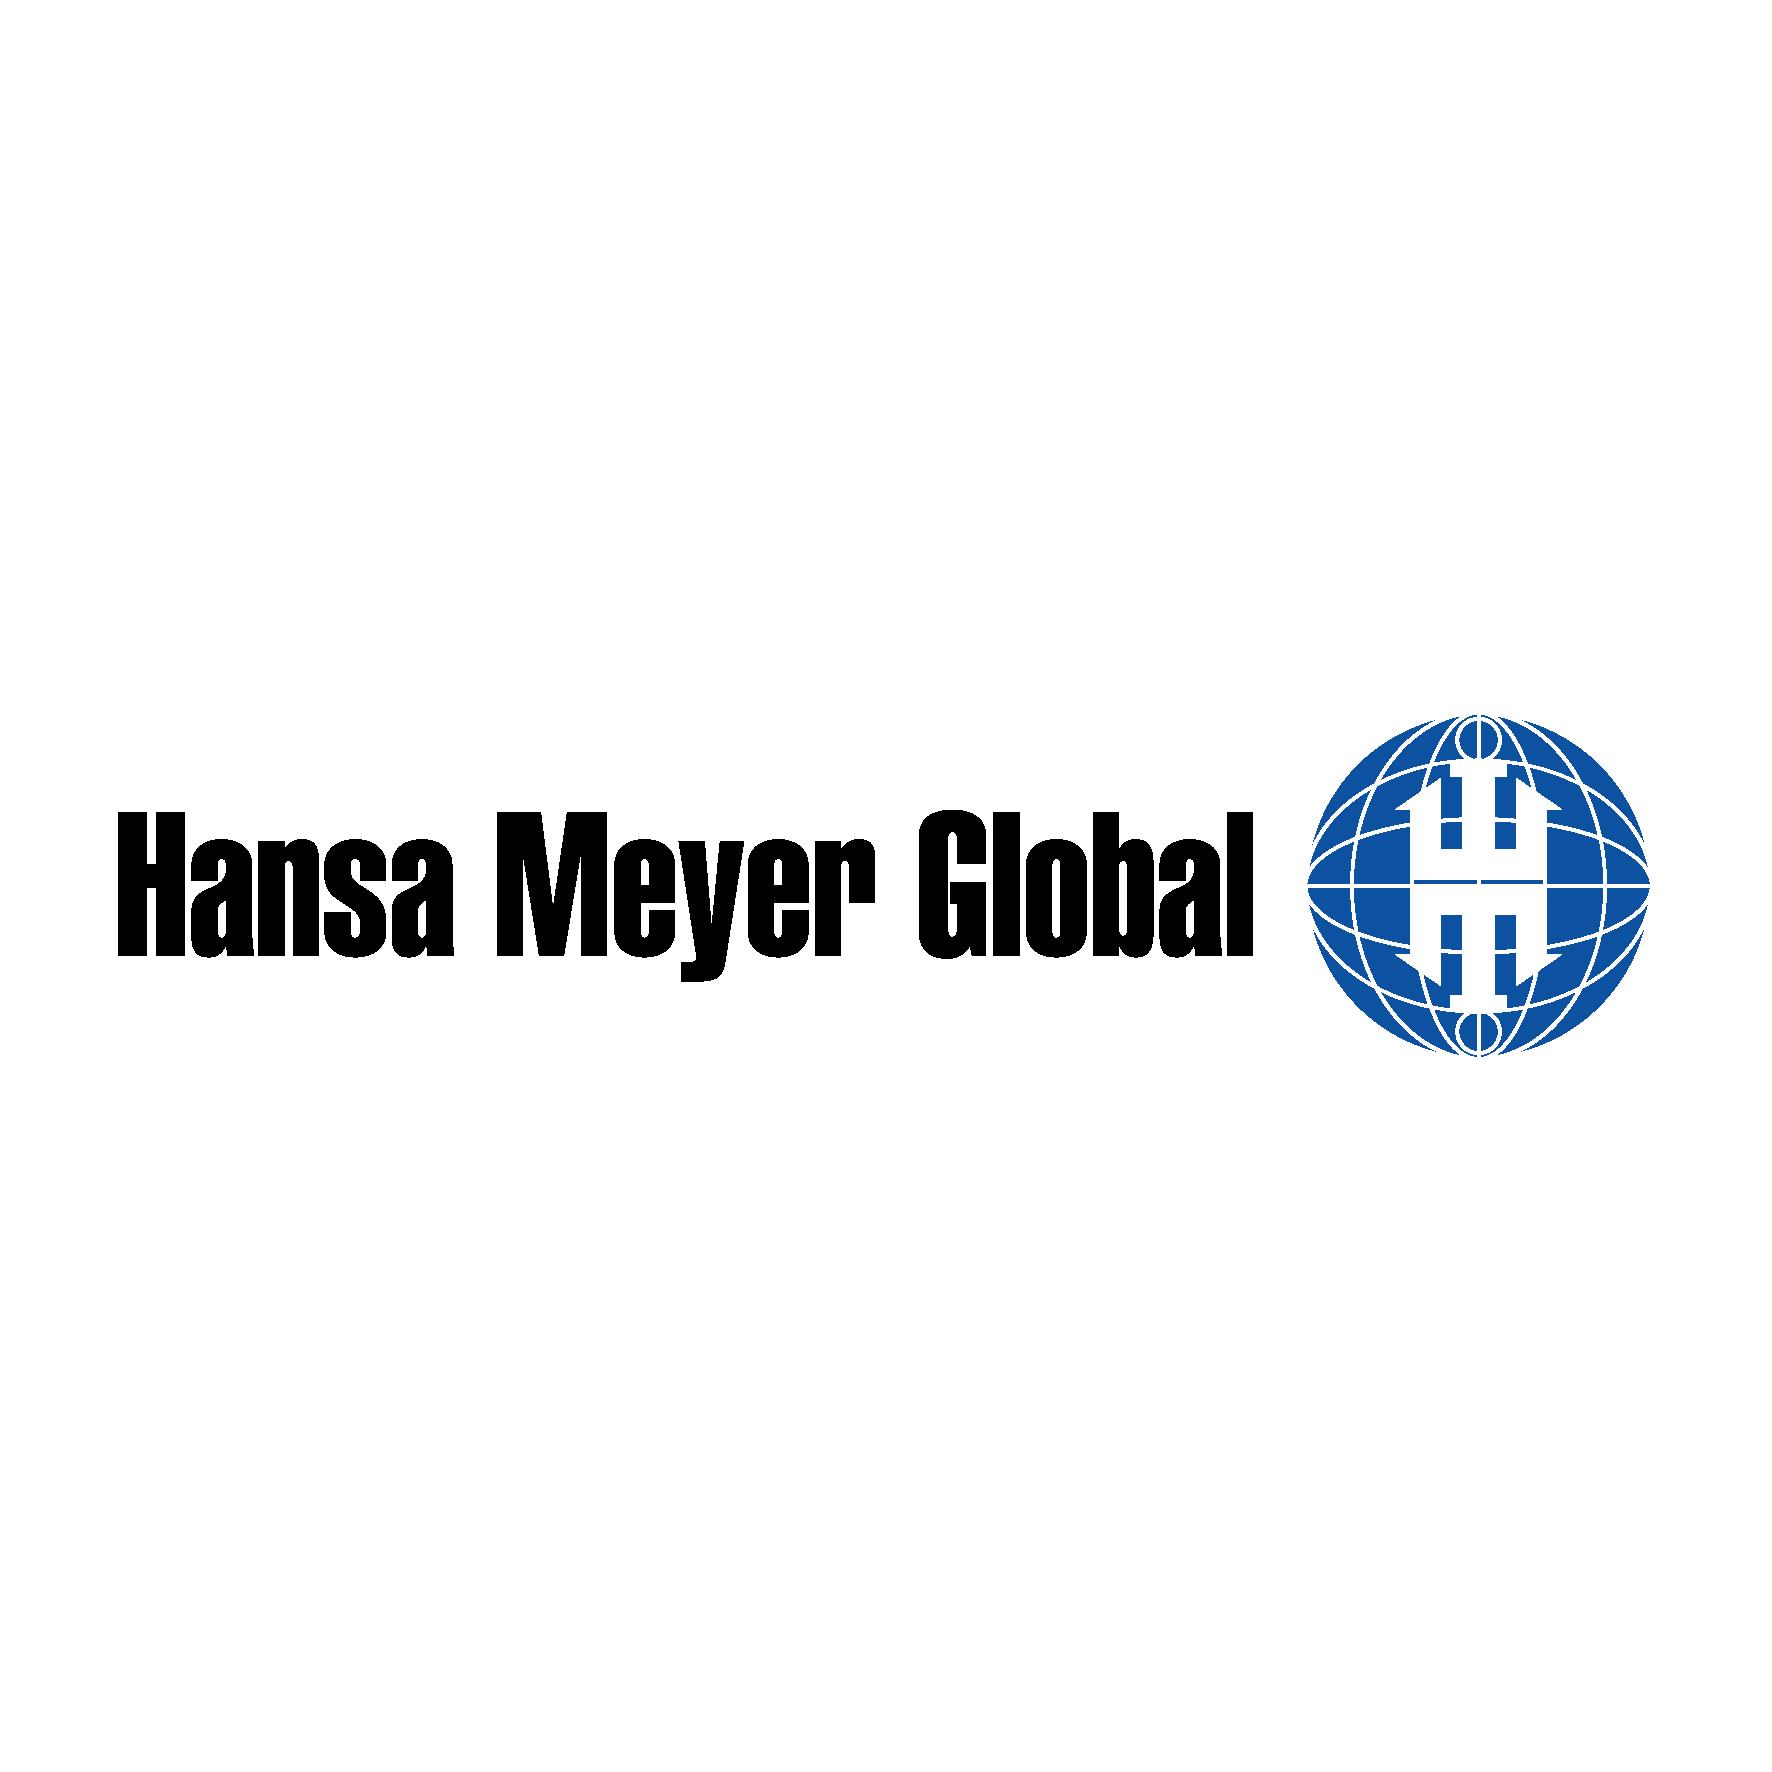 Hansa Meyer Global